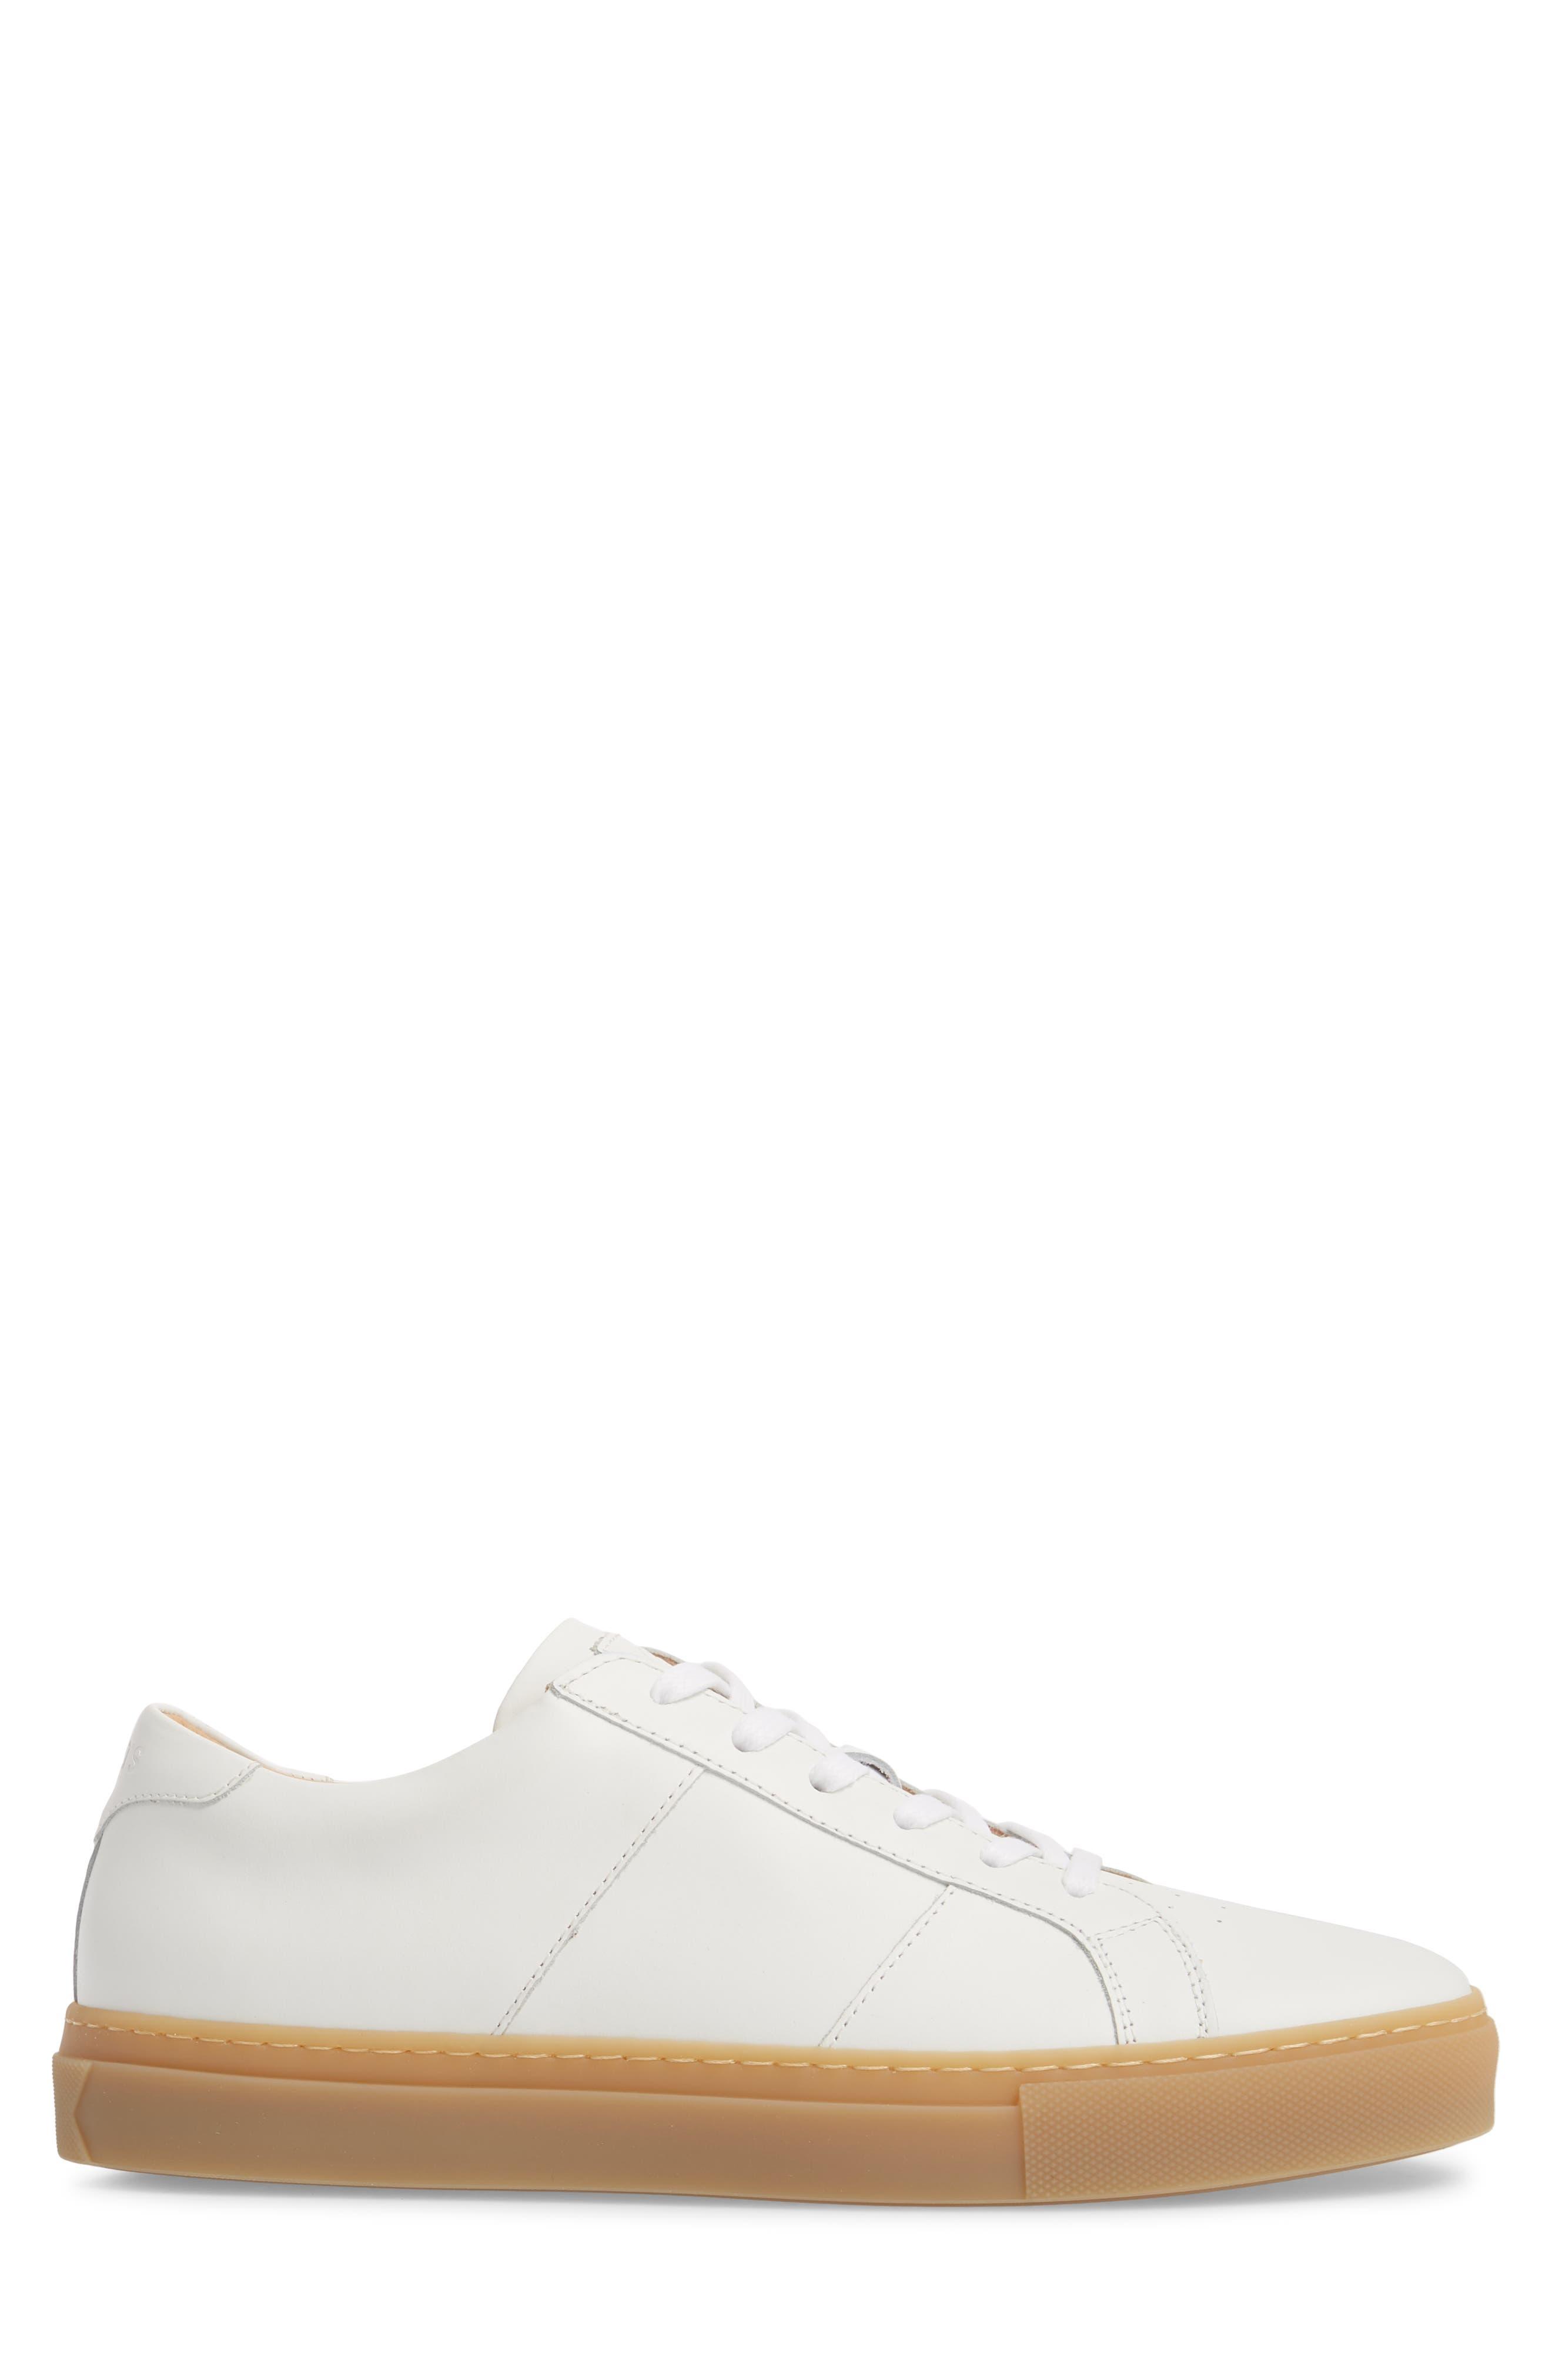 Royale Reverse Sneaker,                             Alternate thumbnail 3, color,                             White/ Gum